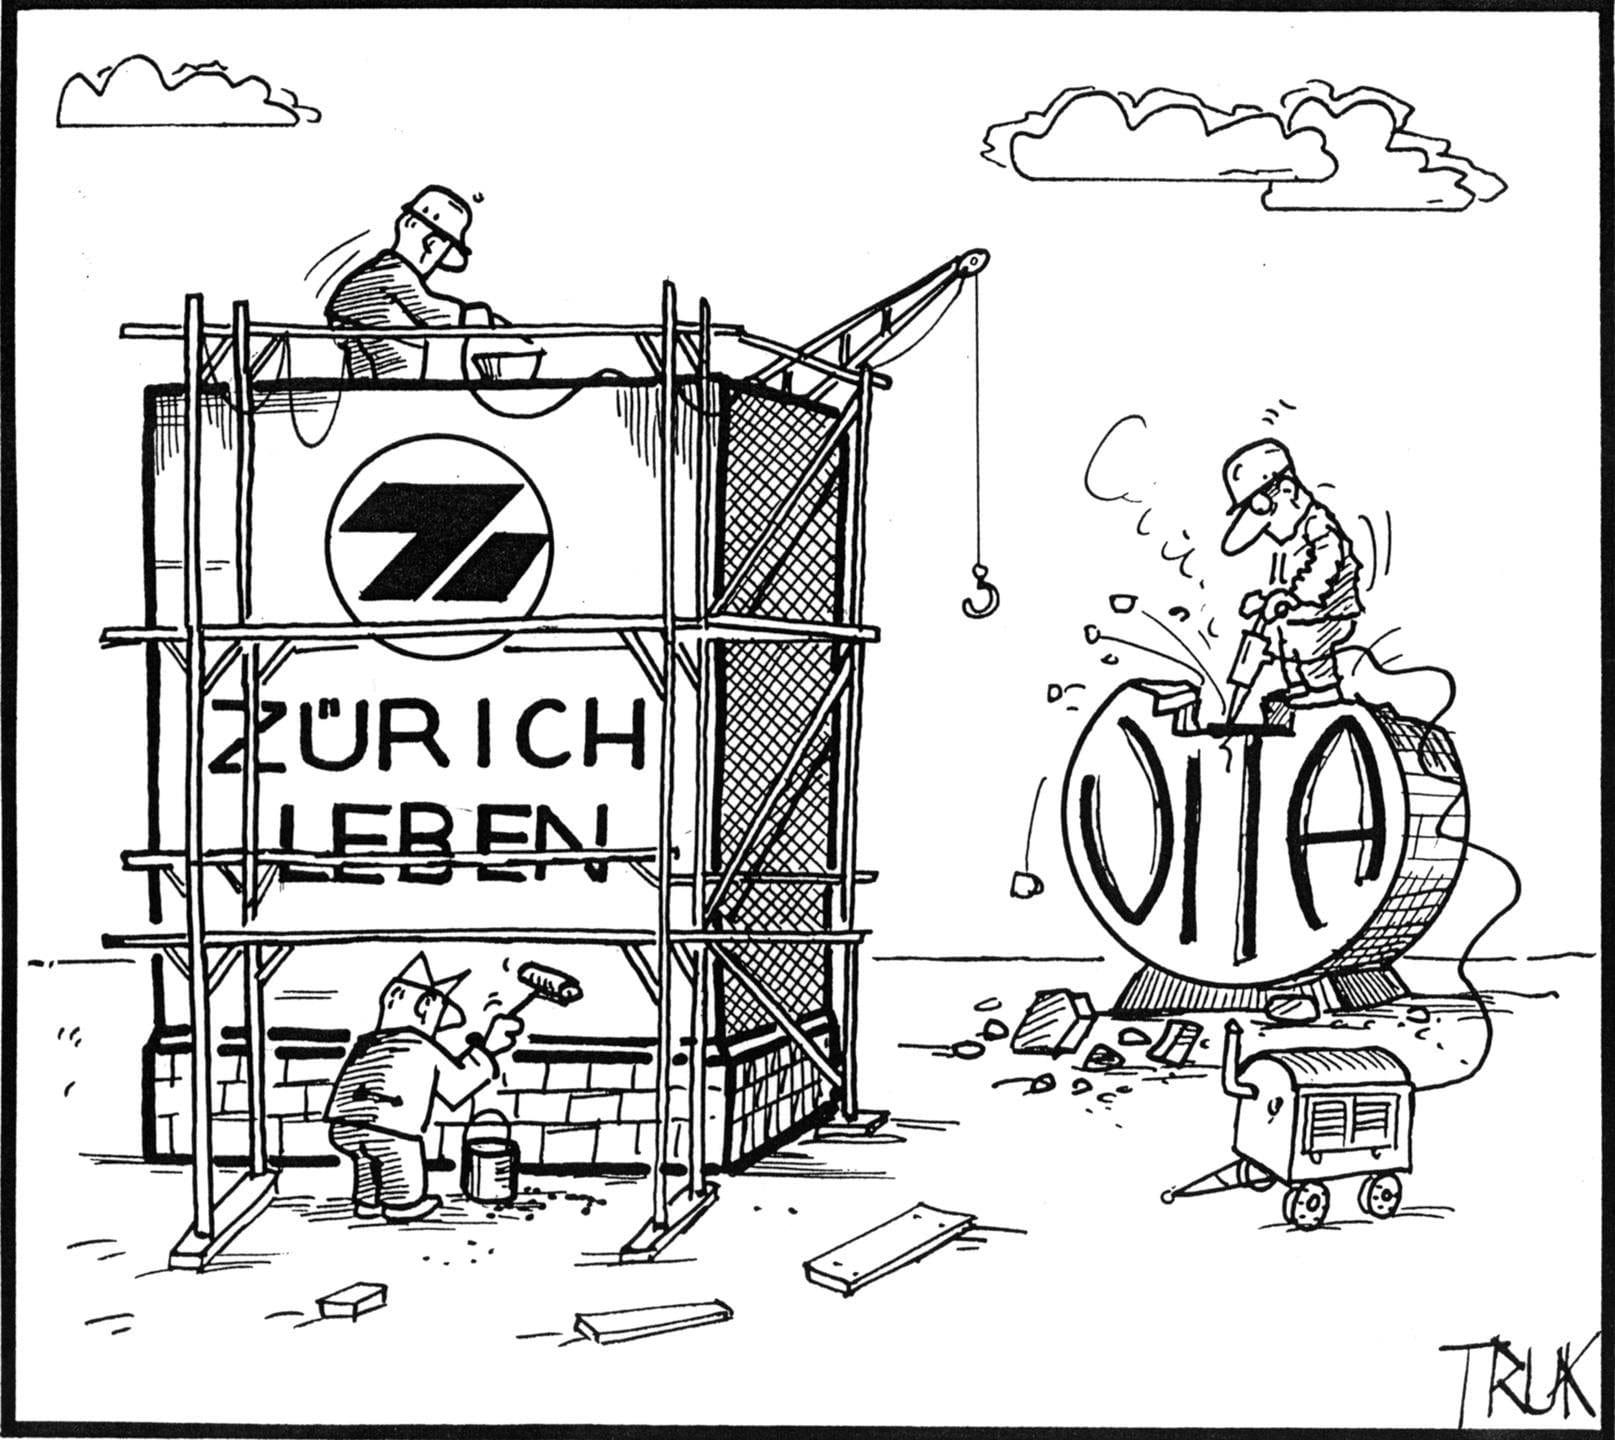 1993: Vita heisst neu Zurich Leben